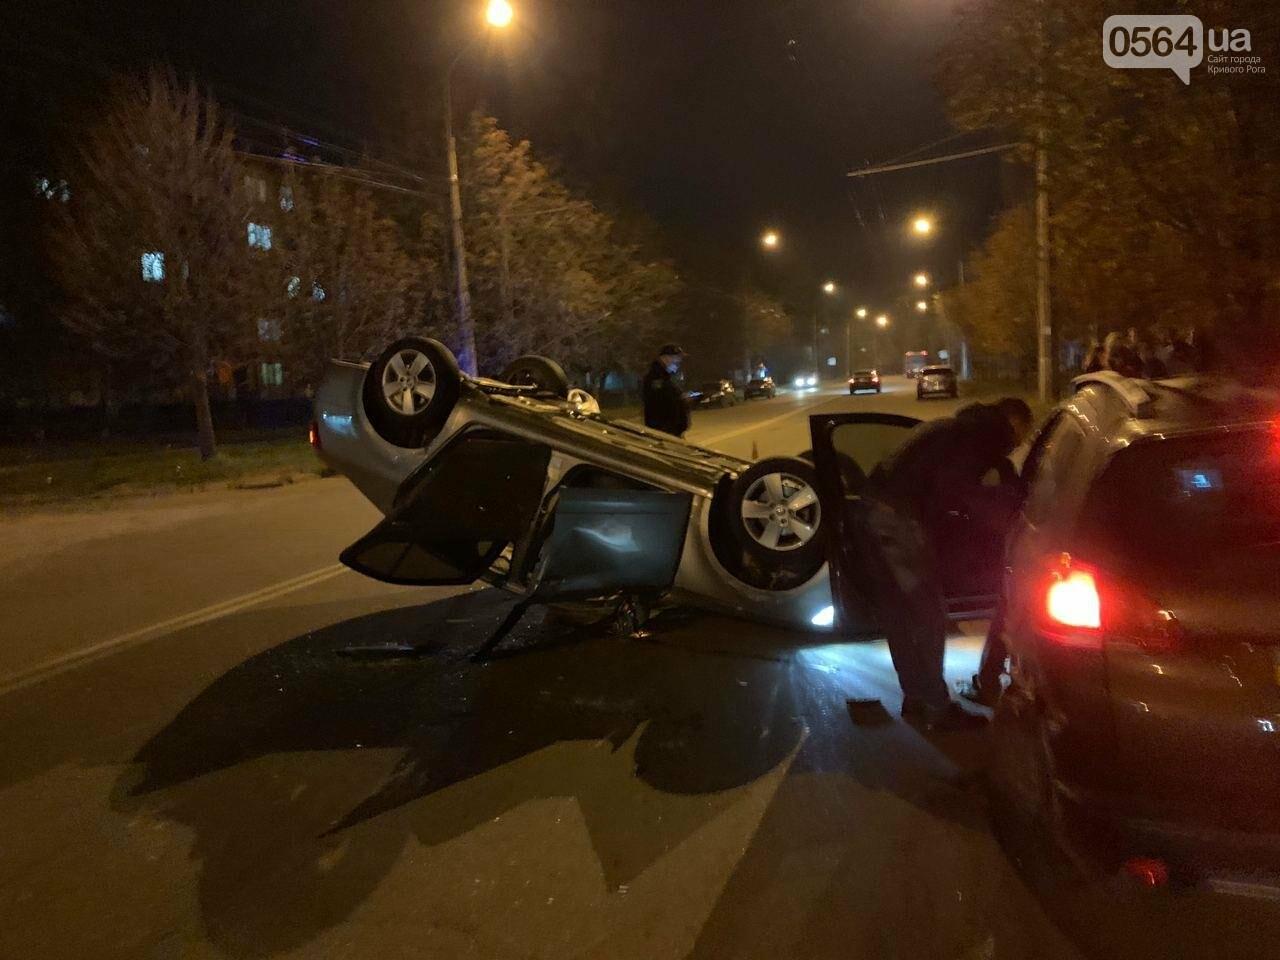 """В Кривом Роге """"Skoda"""" влетела в припаркованный автомобиль """"Peugeot"""" и перевернулась на крышу, - ФОТО, ИСПРАВЛЕНО, фото-6"""